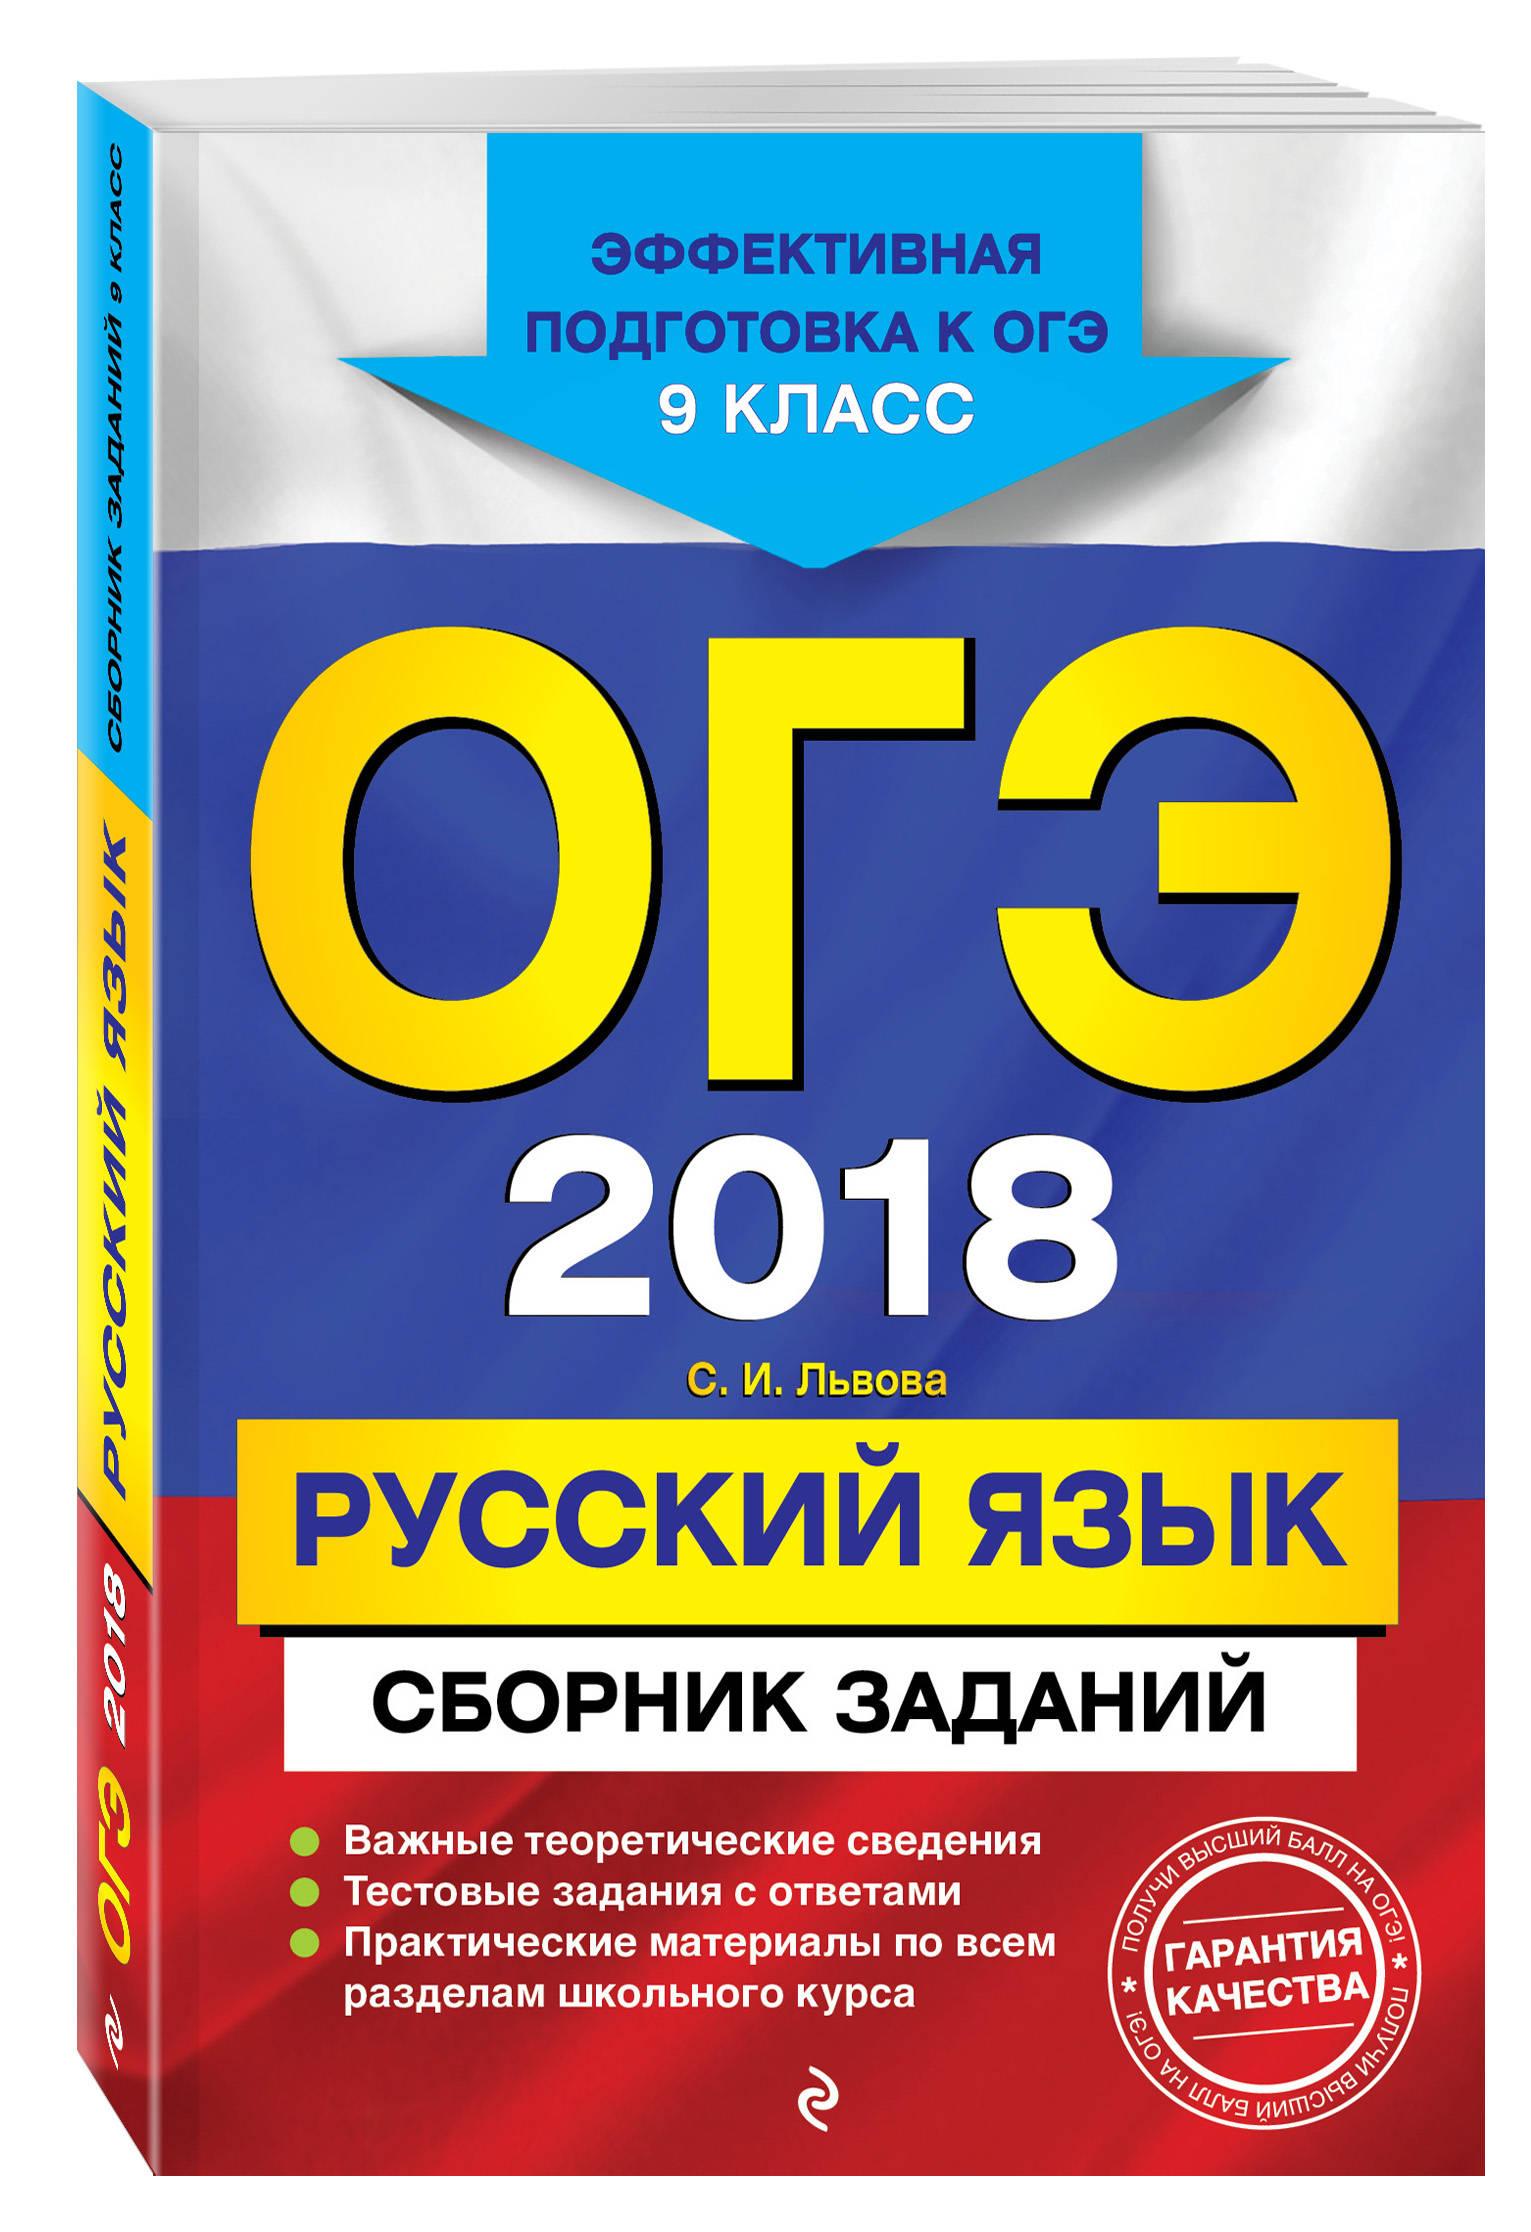 ОГЭ-2018. Русский язык : Сборник заданий : 9 класс от book24.ru